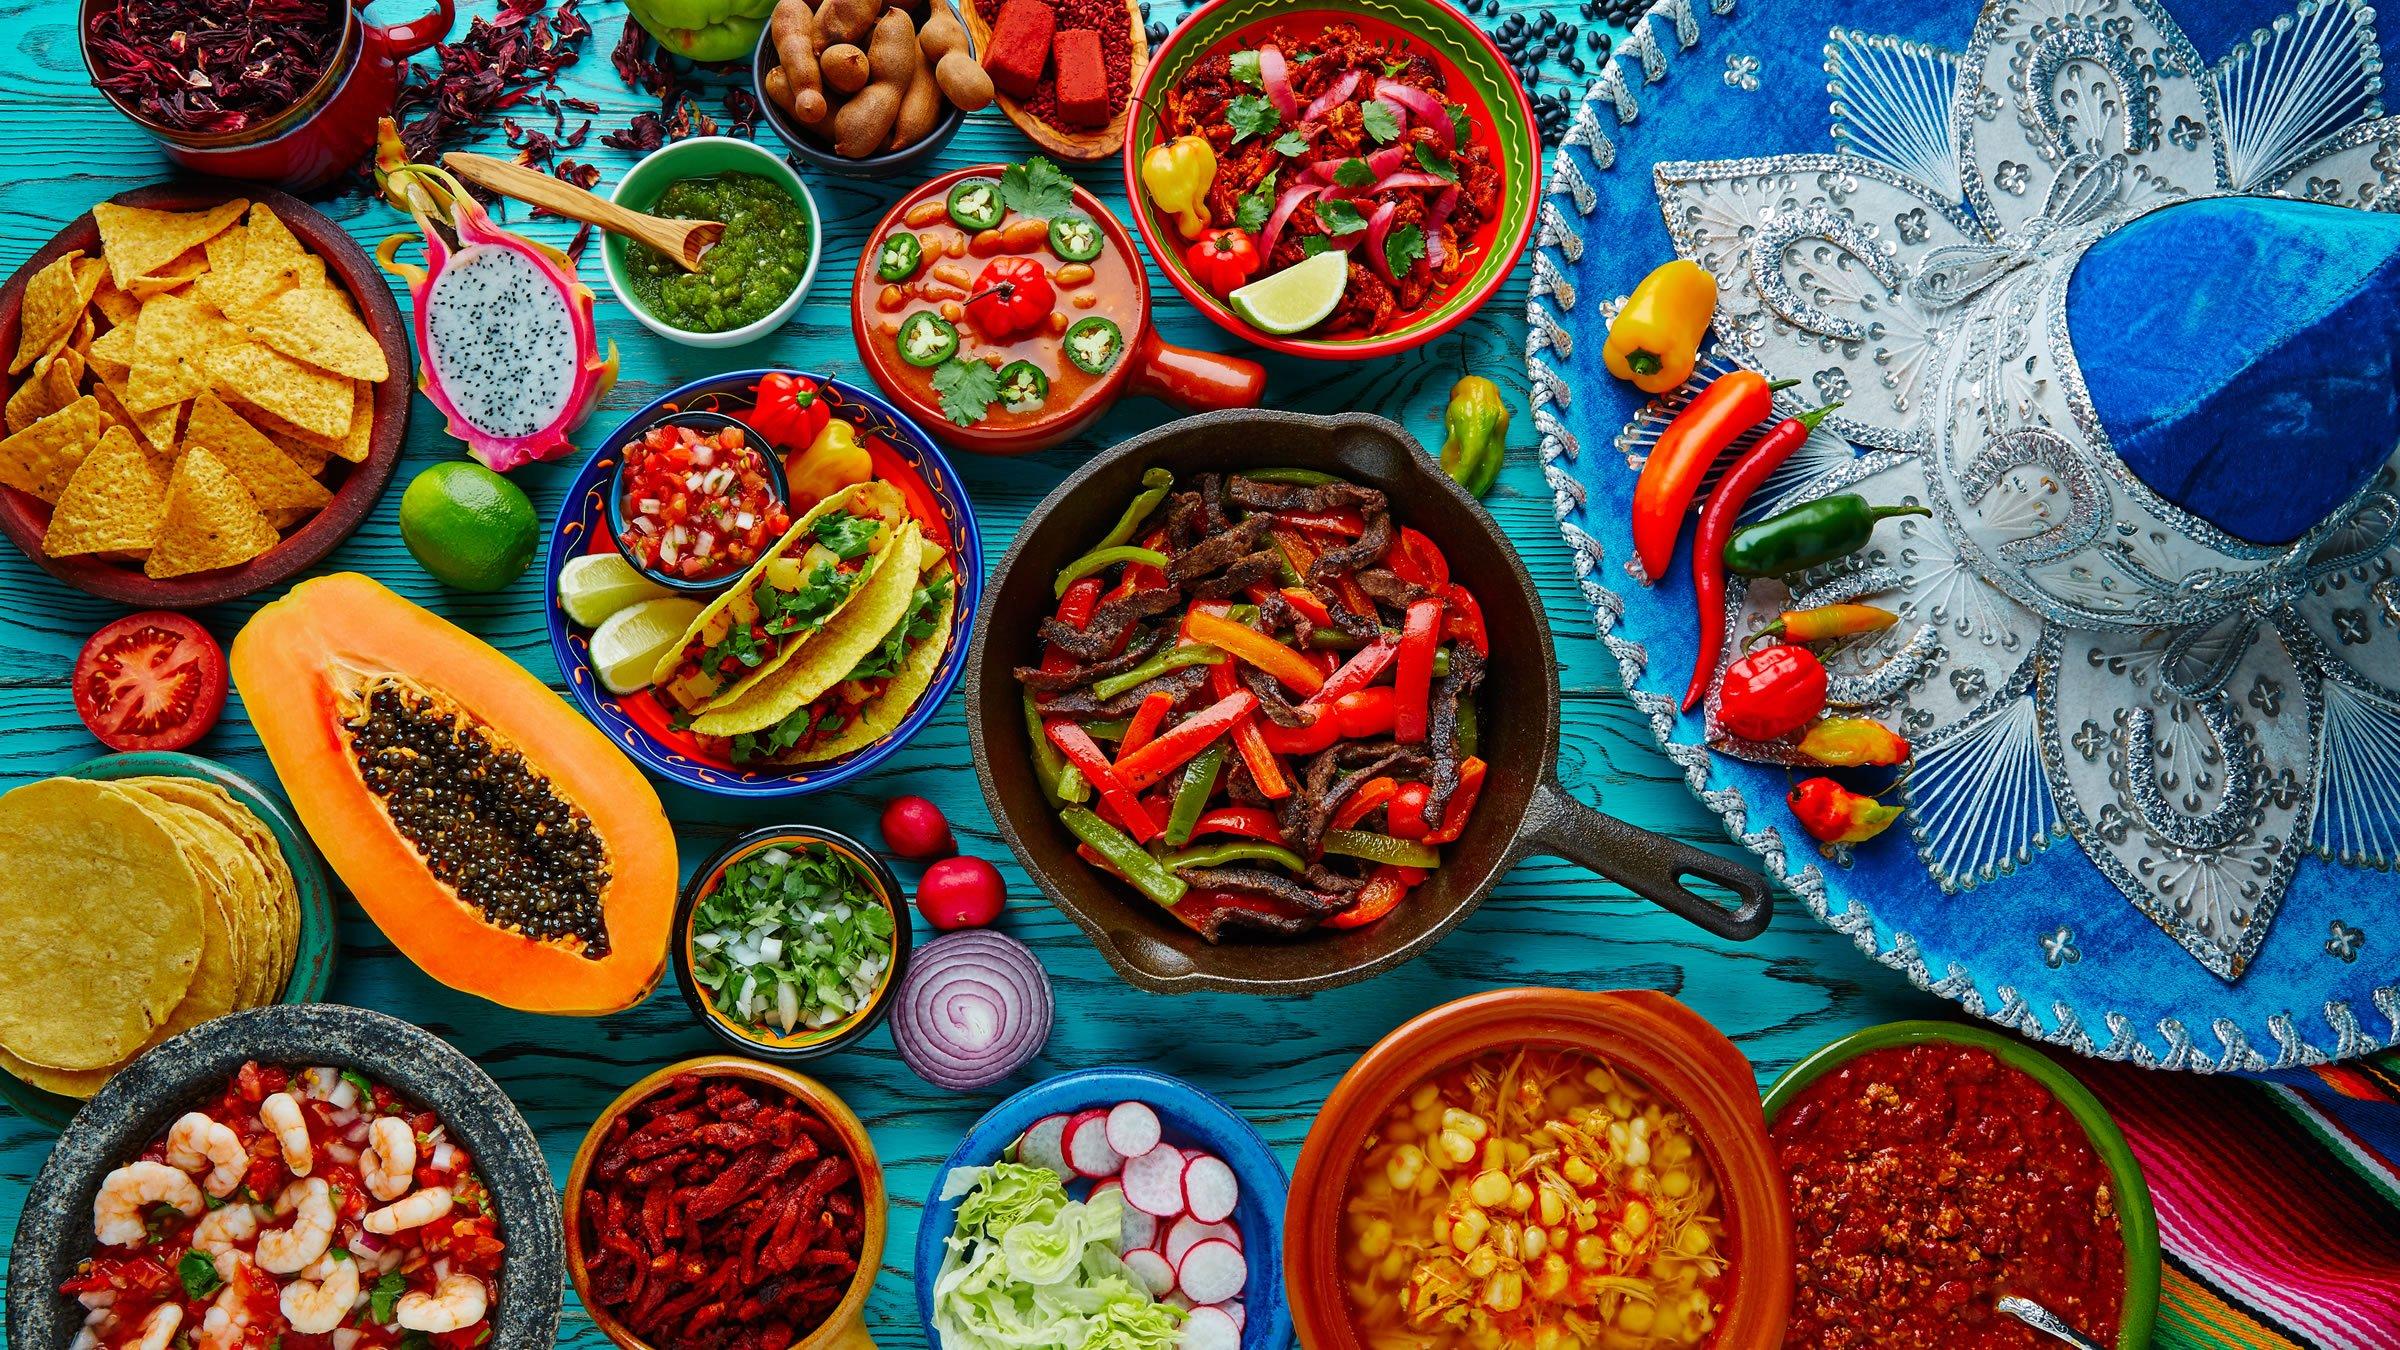 Los cinco continentes del mundo y su gastronomía